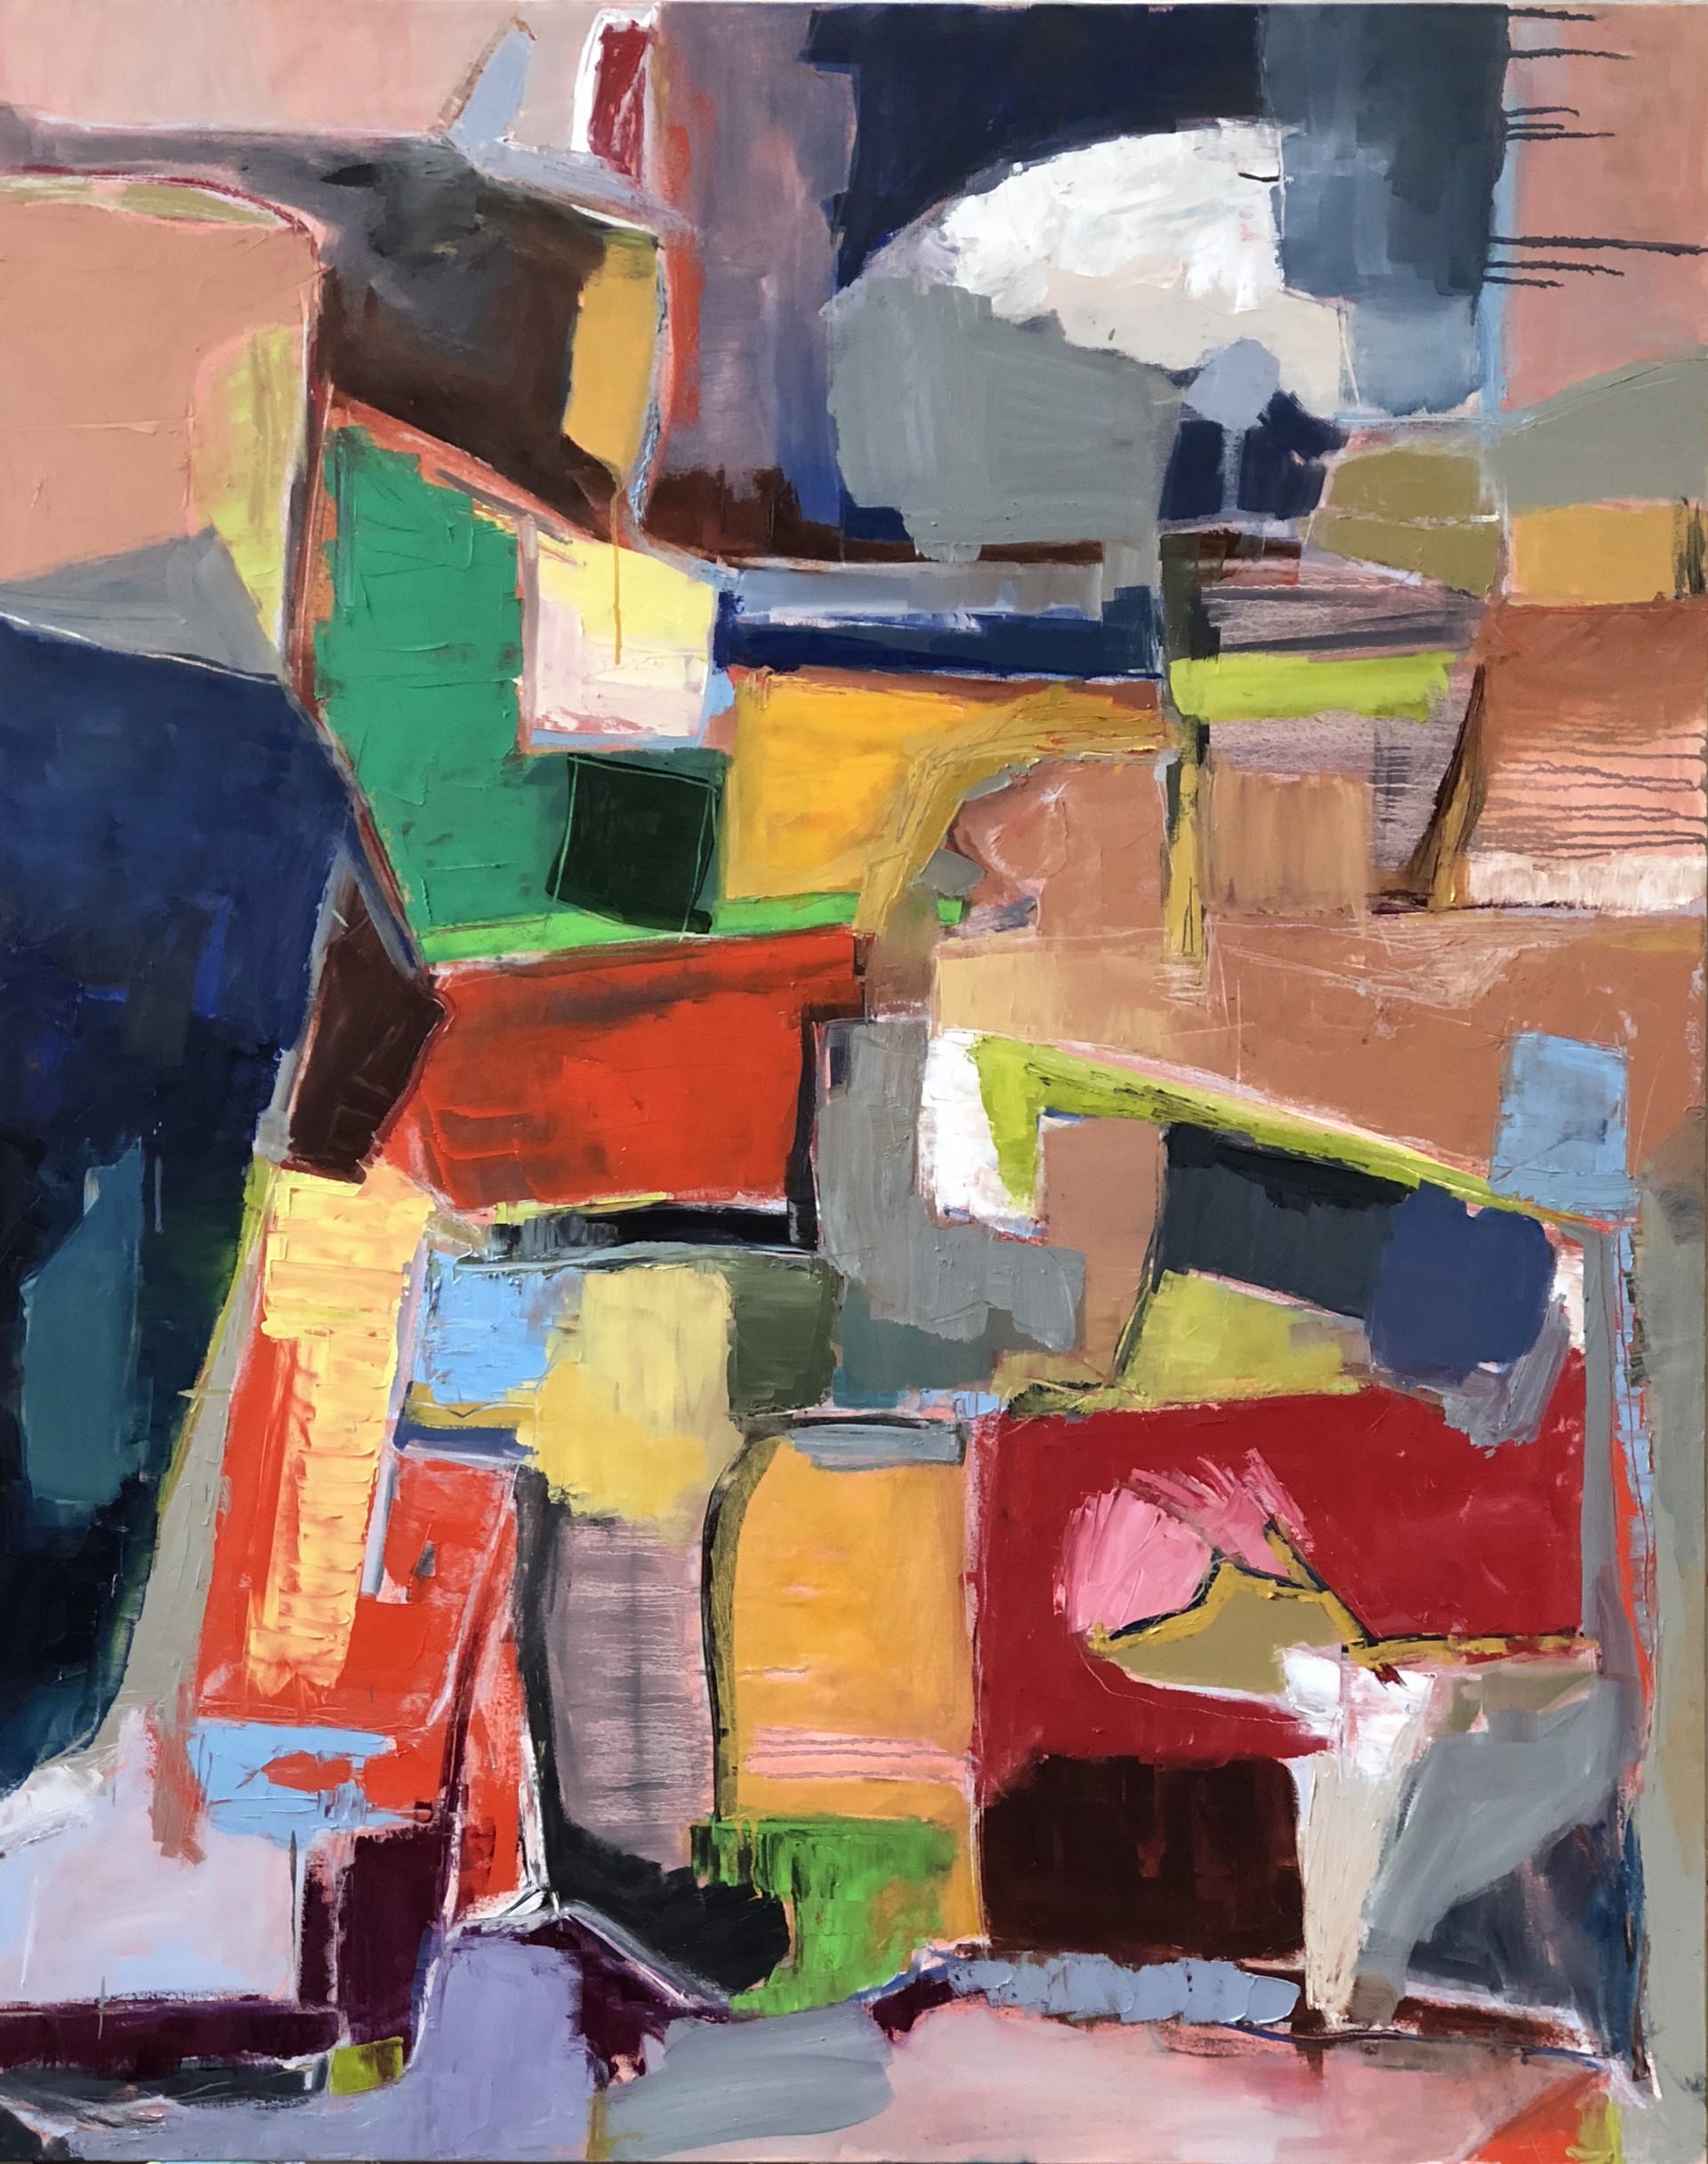 Abstract Landscape 14 by stevenpage prewitt